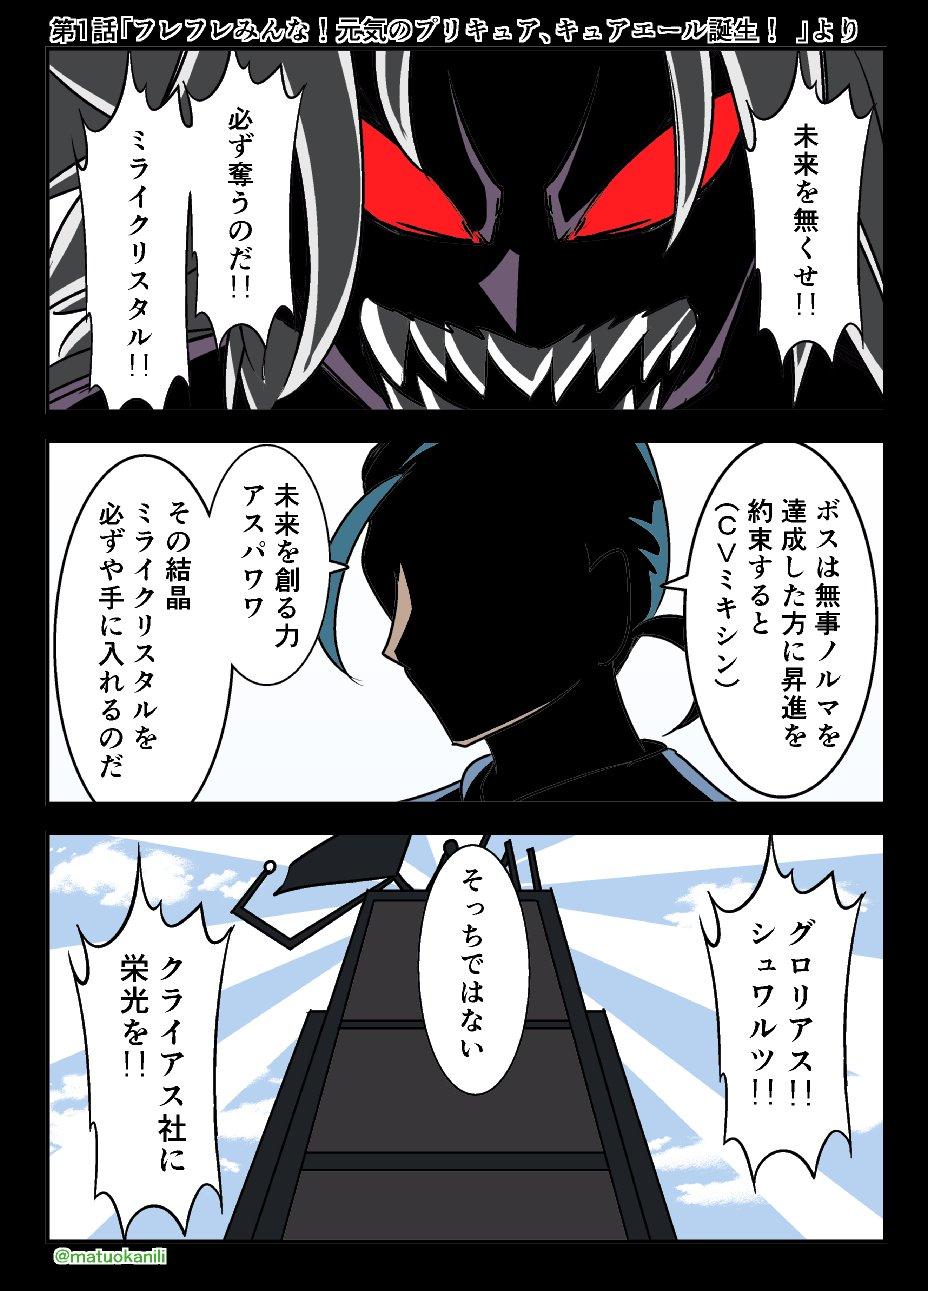 松岡二 (@matuokanili)さんのイラスト